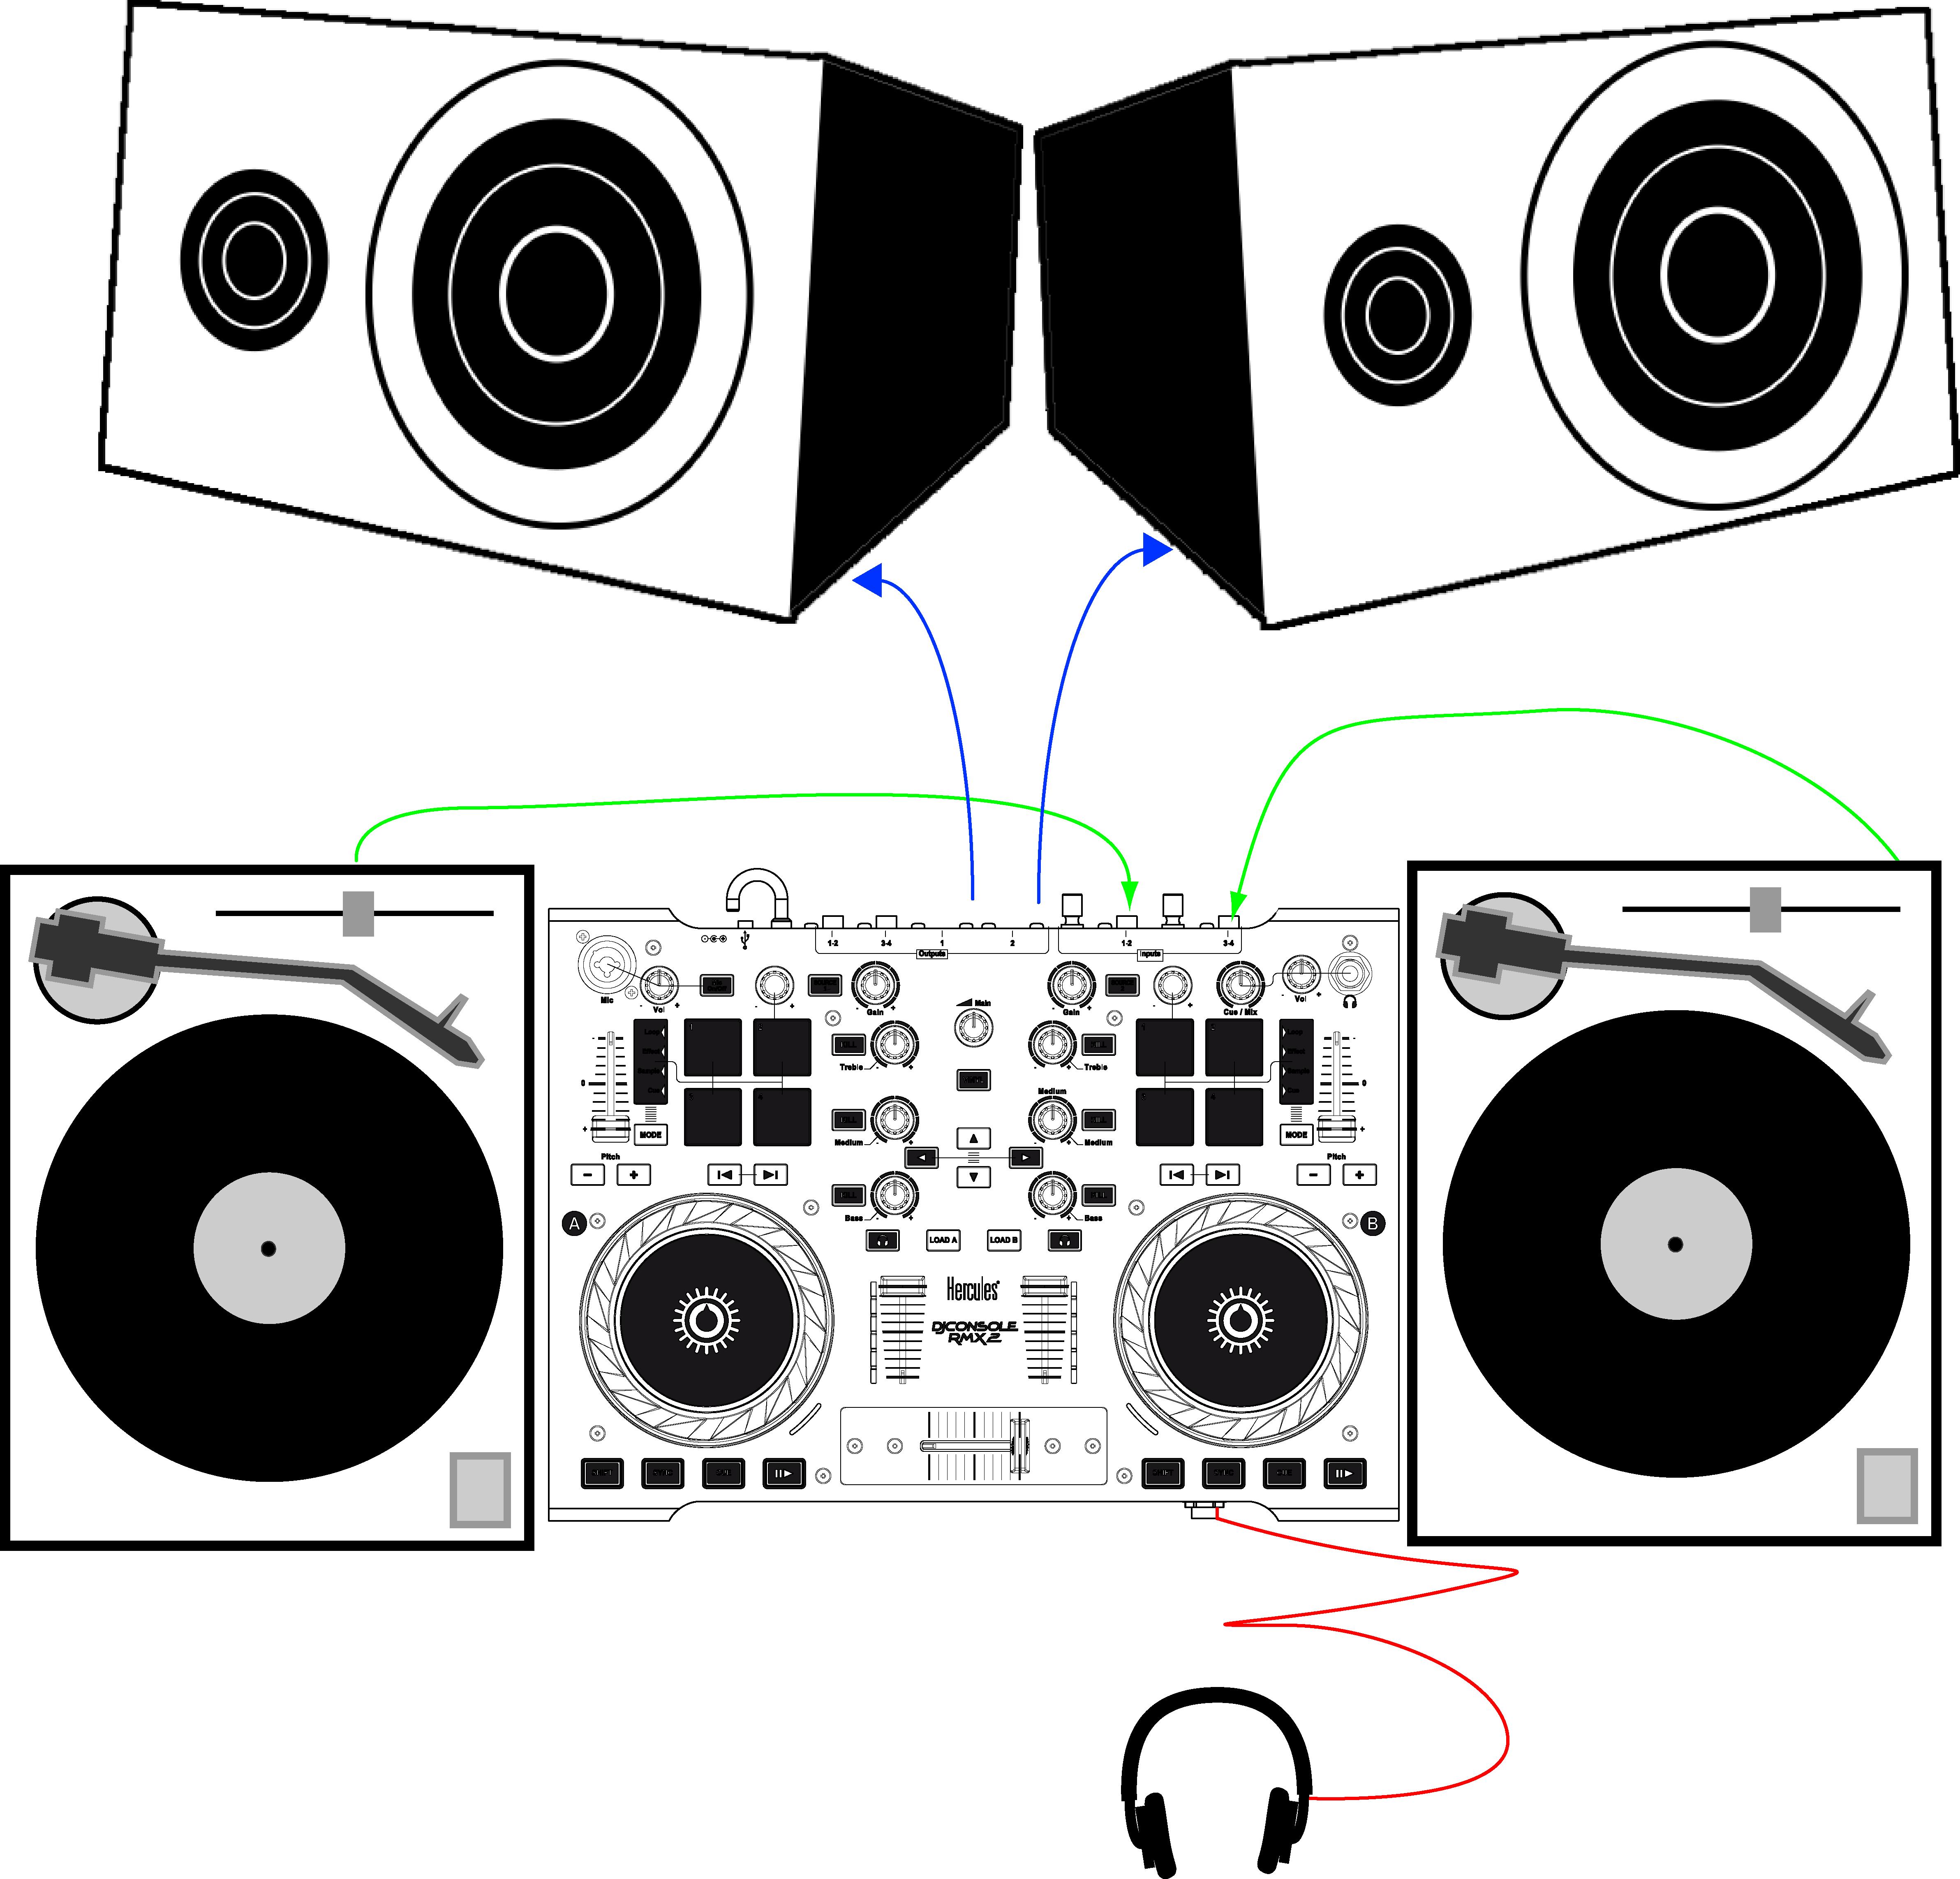 Dj clipart dj mix. Hercules room the user